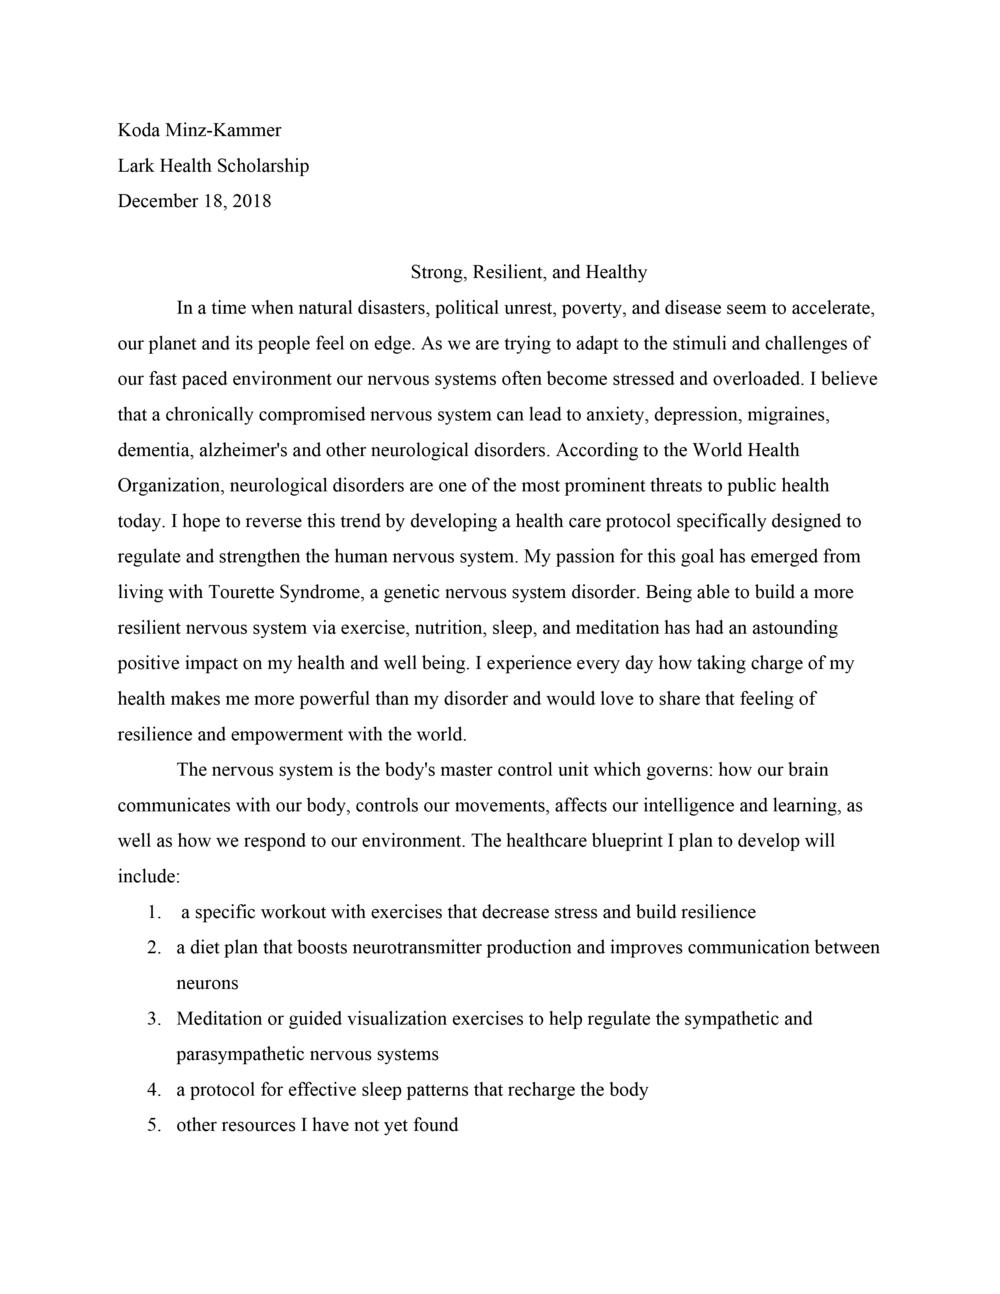 Koda Minz-Kammer, Page 1